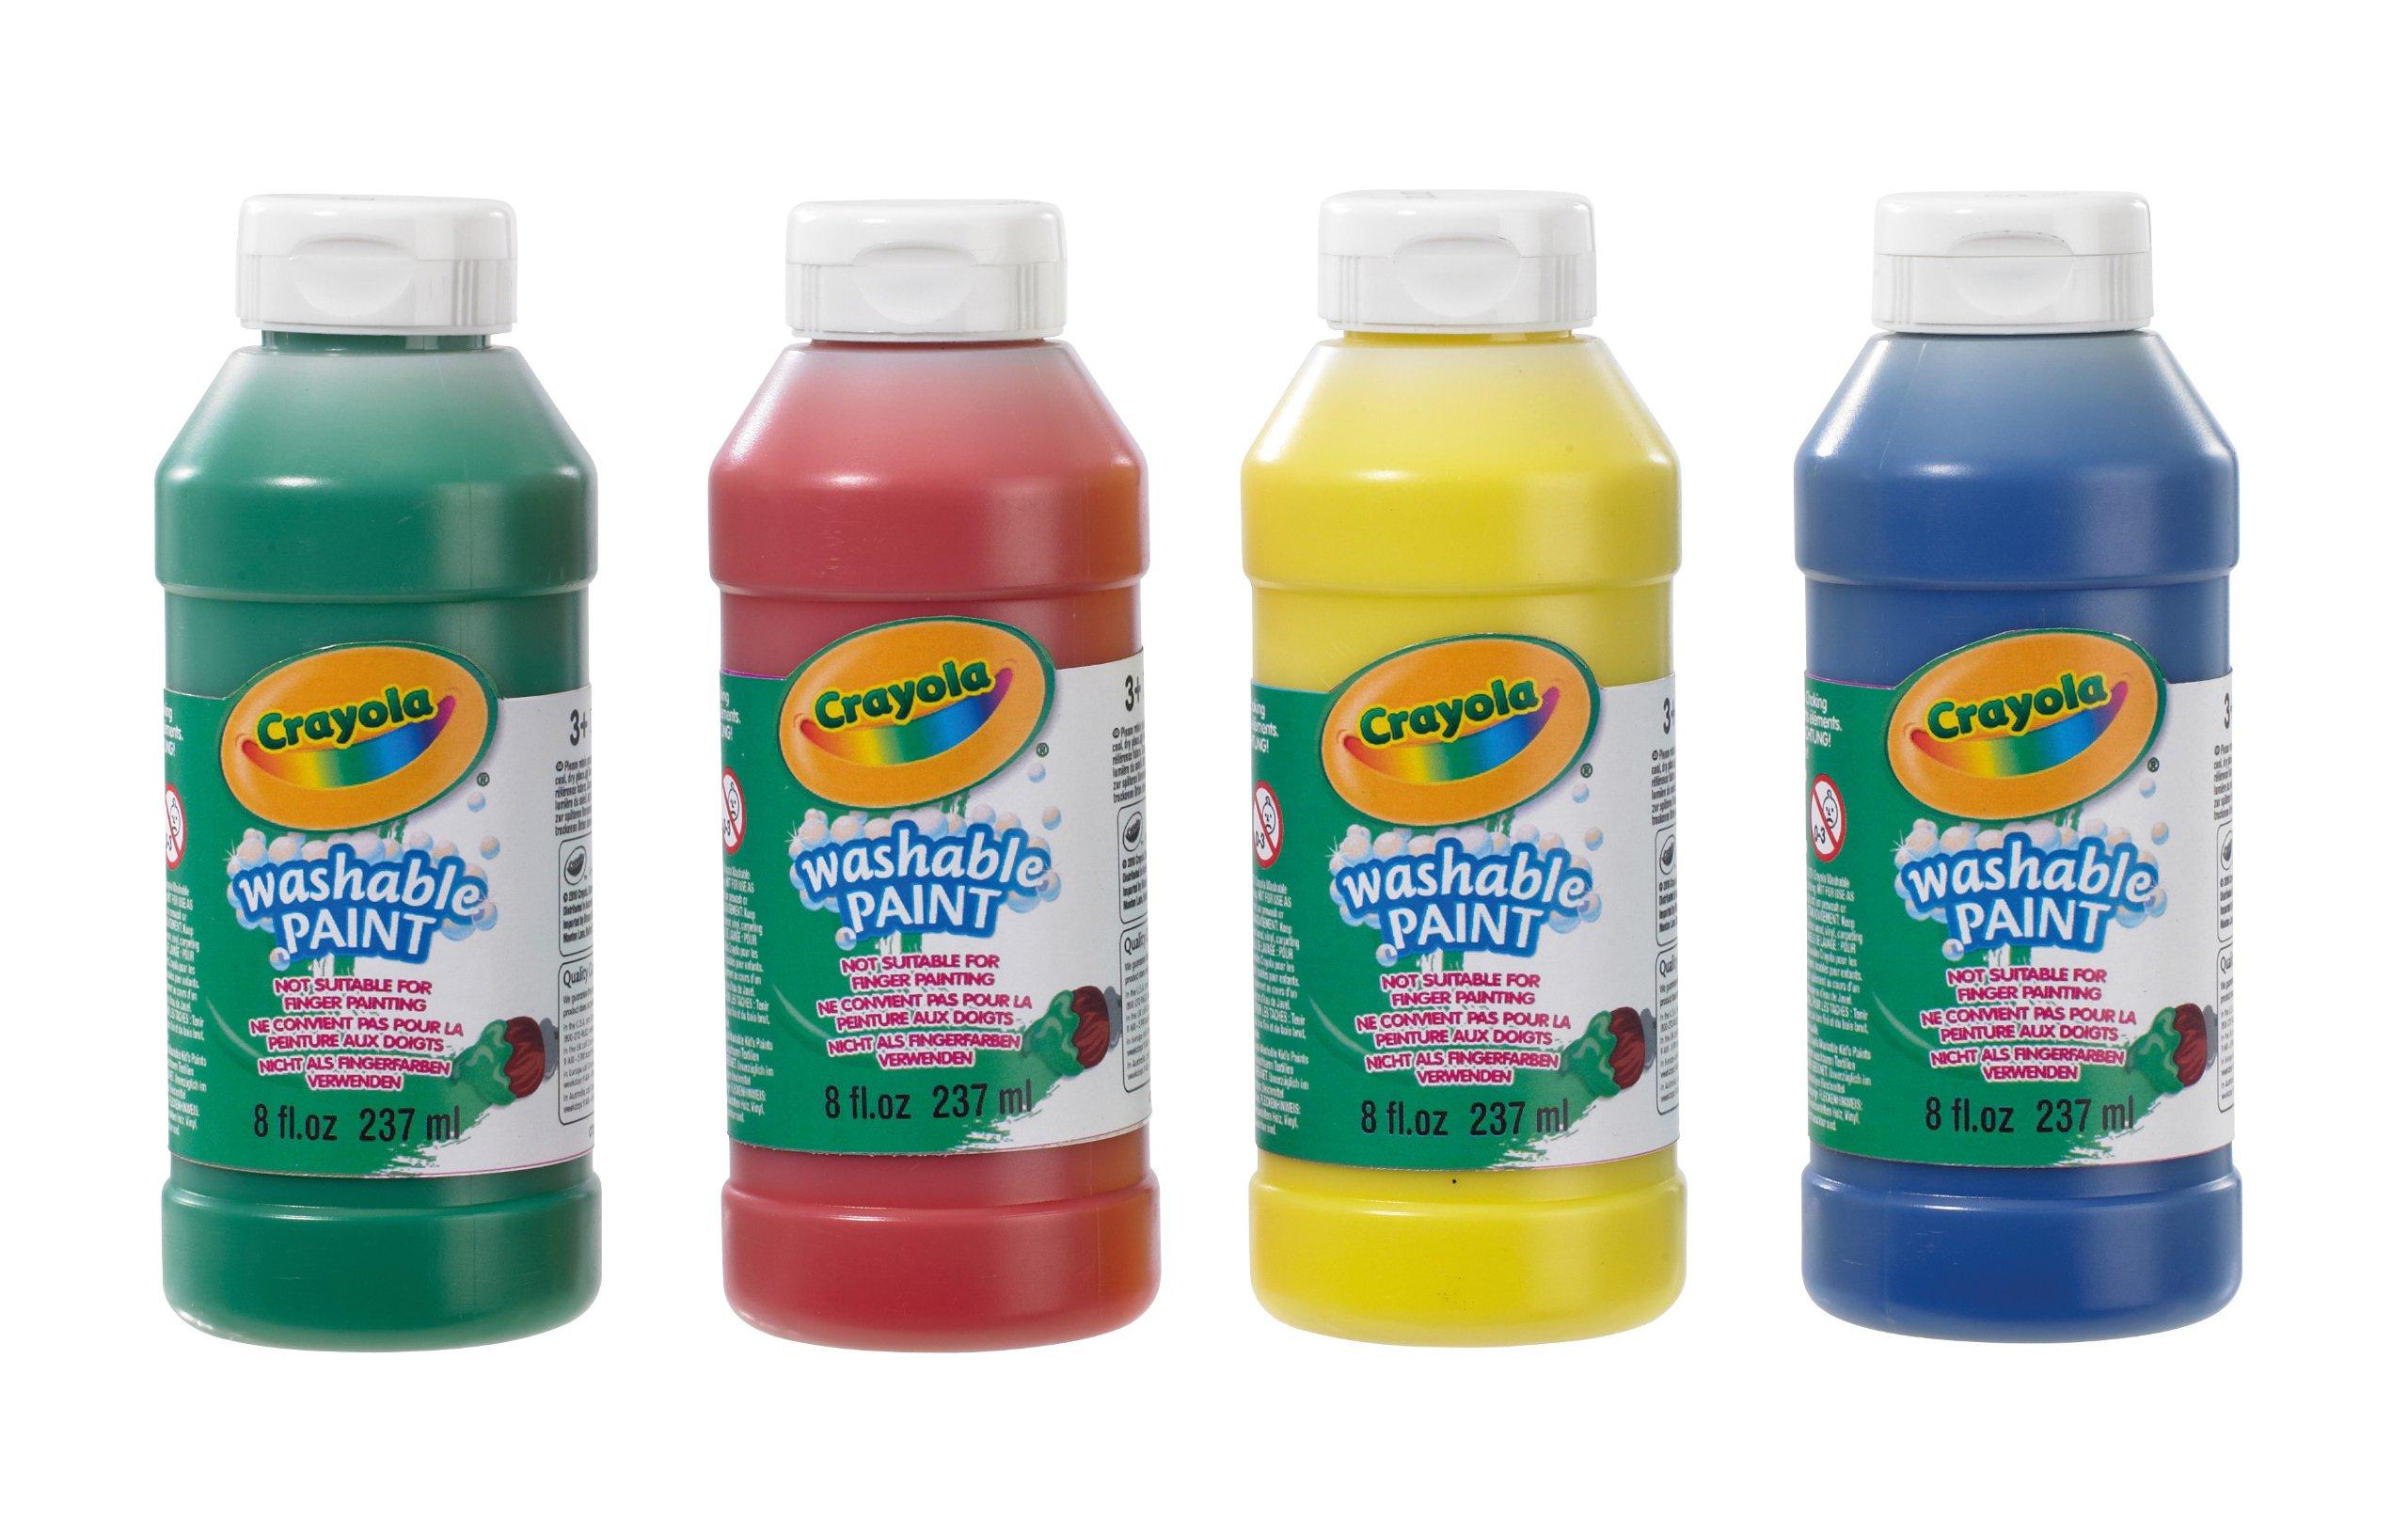 Crayola 3927 - Botellas de pintura lavable (4 unidades, 237 ml) product image